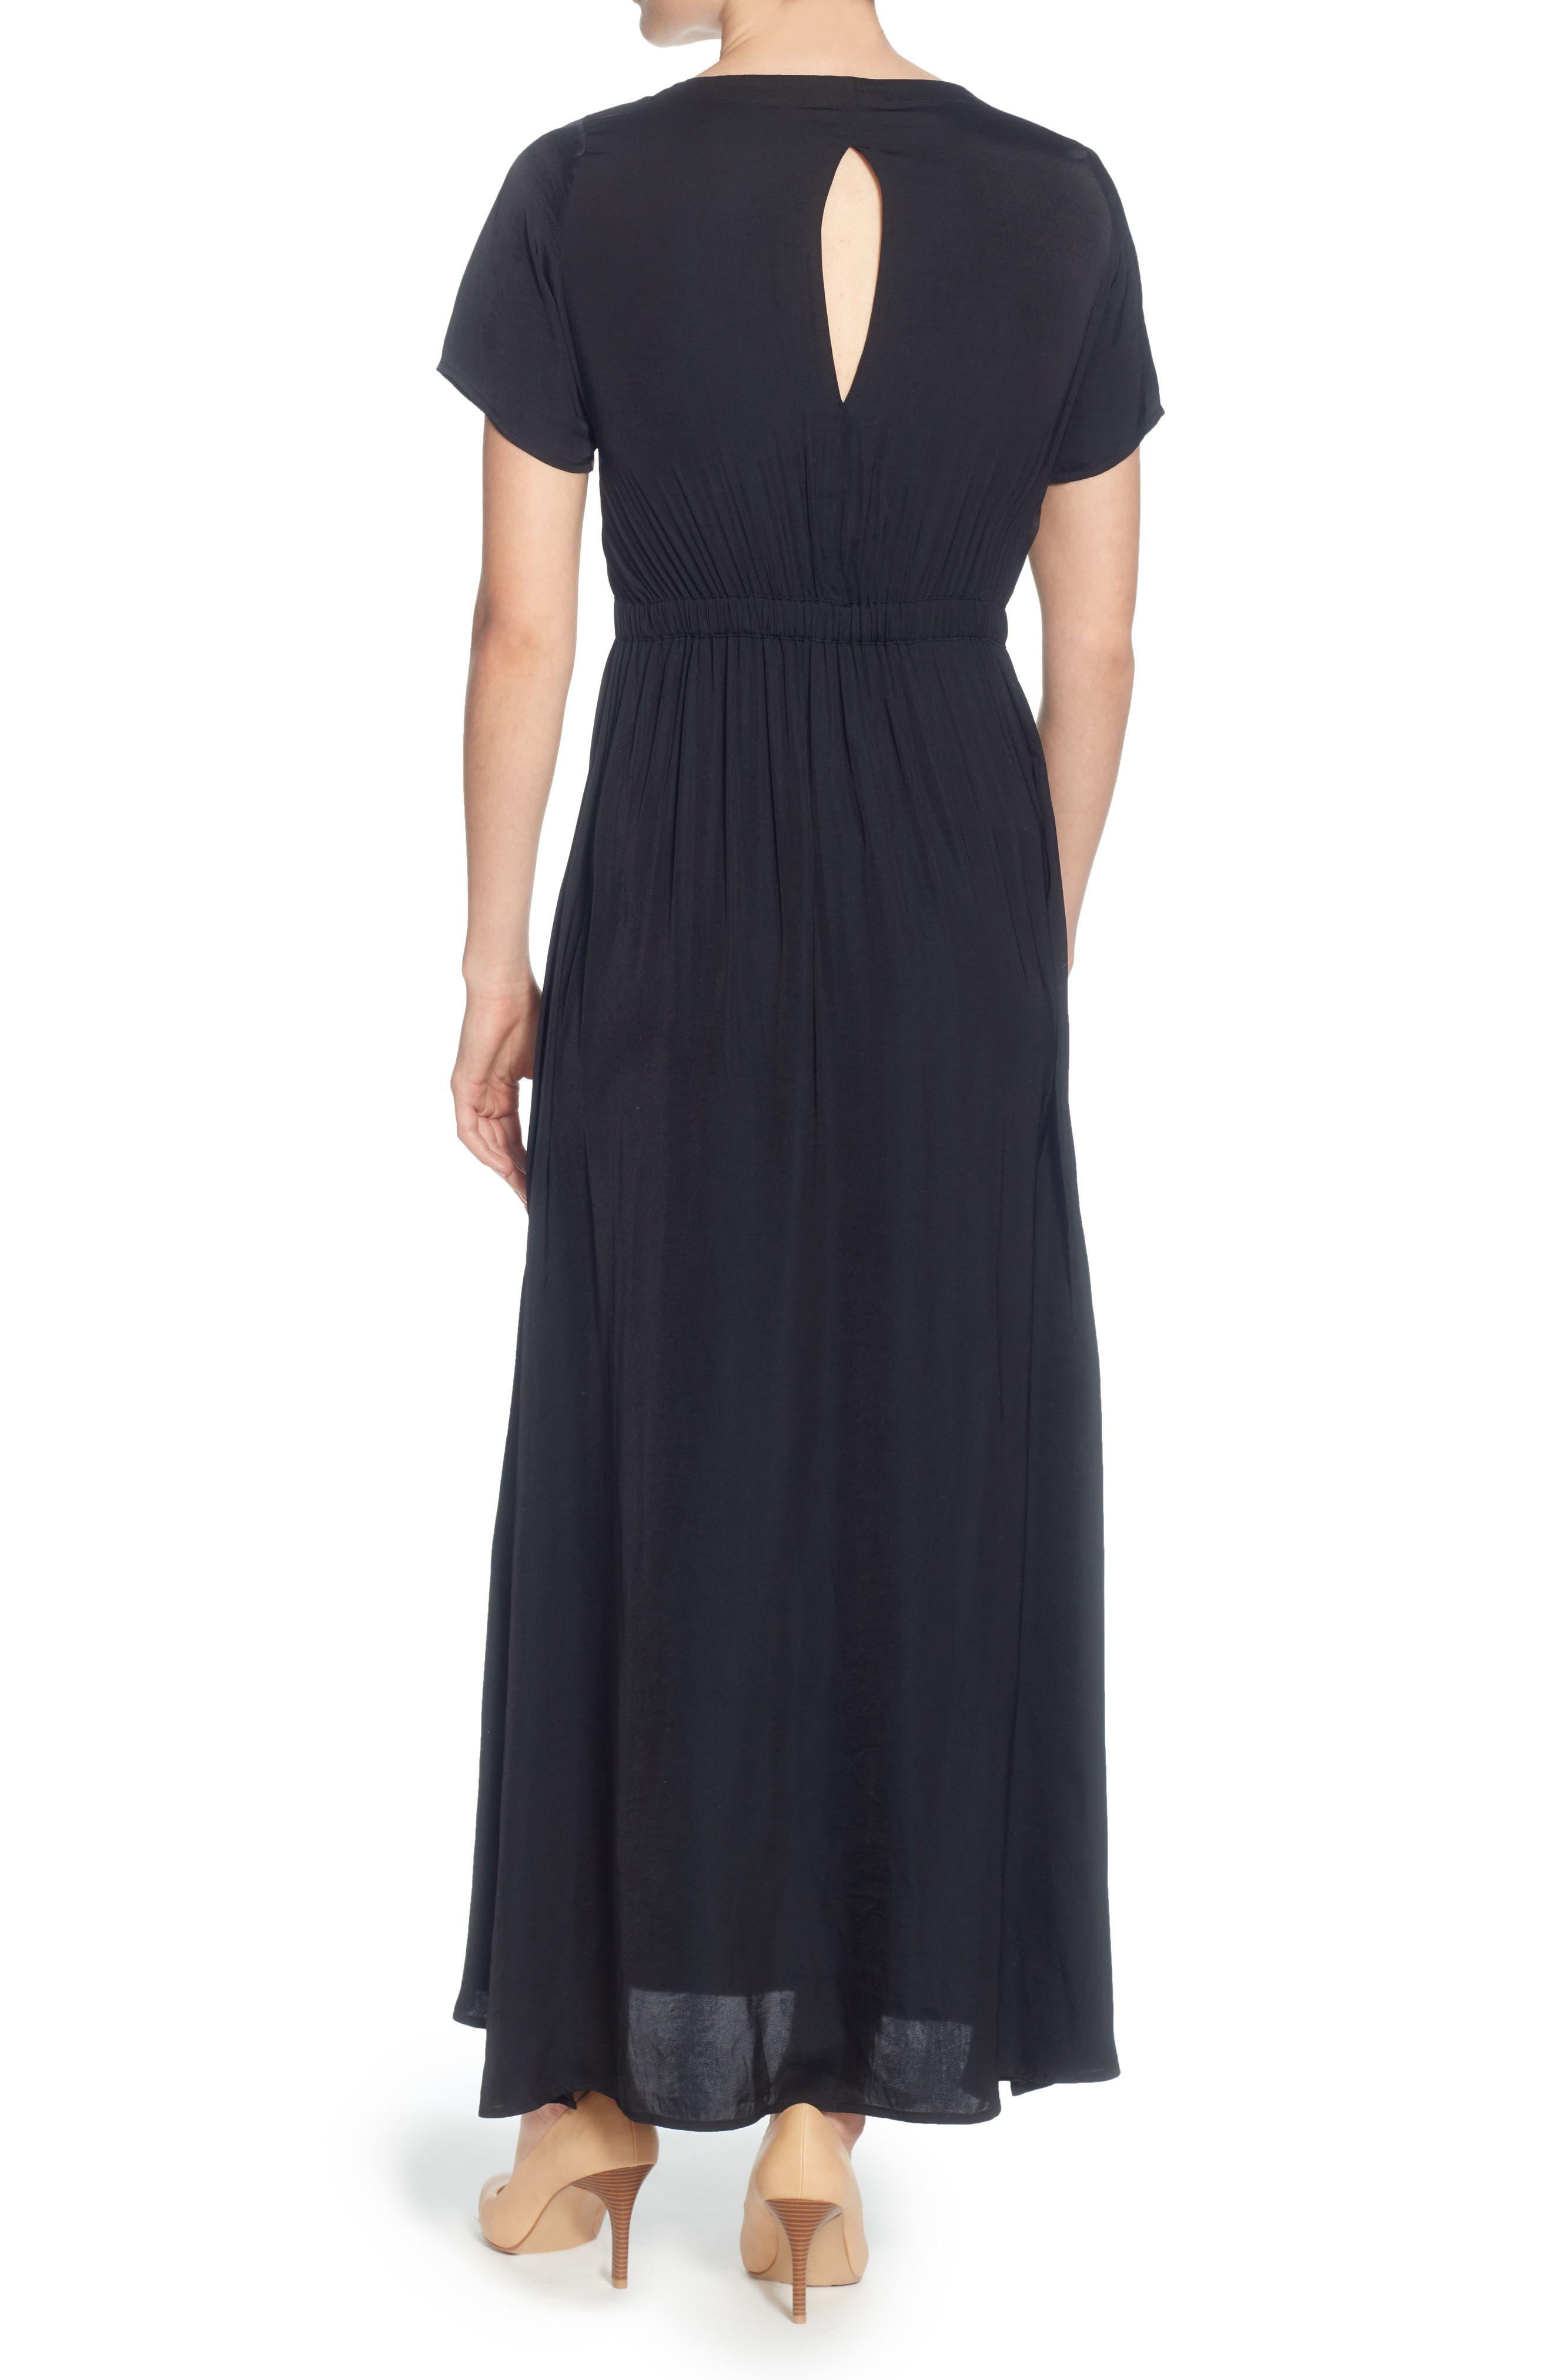 Lua Maxi Dress,                             Alternate thumbnail 2, color,                             Black